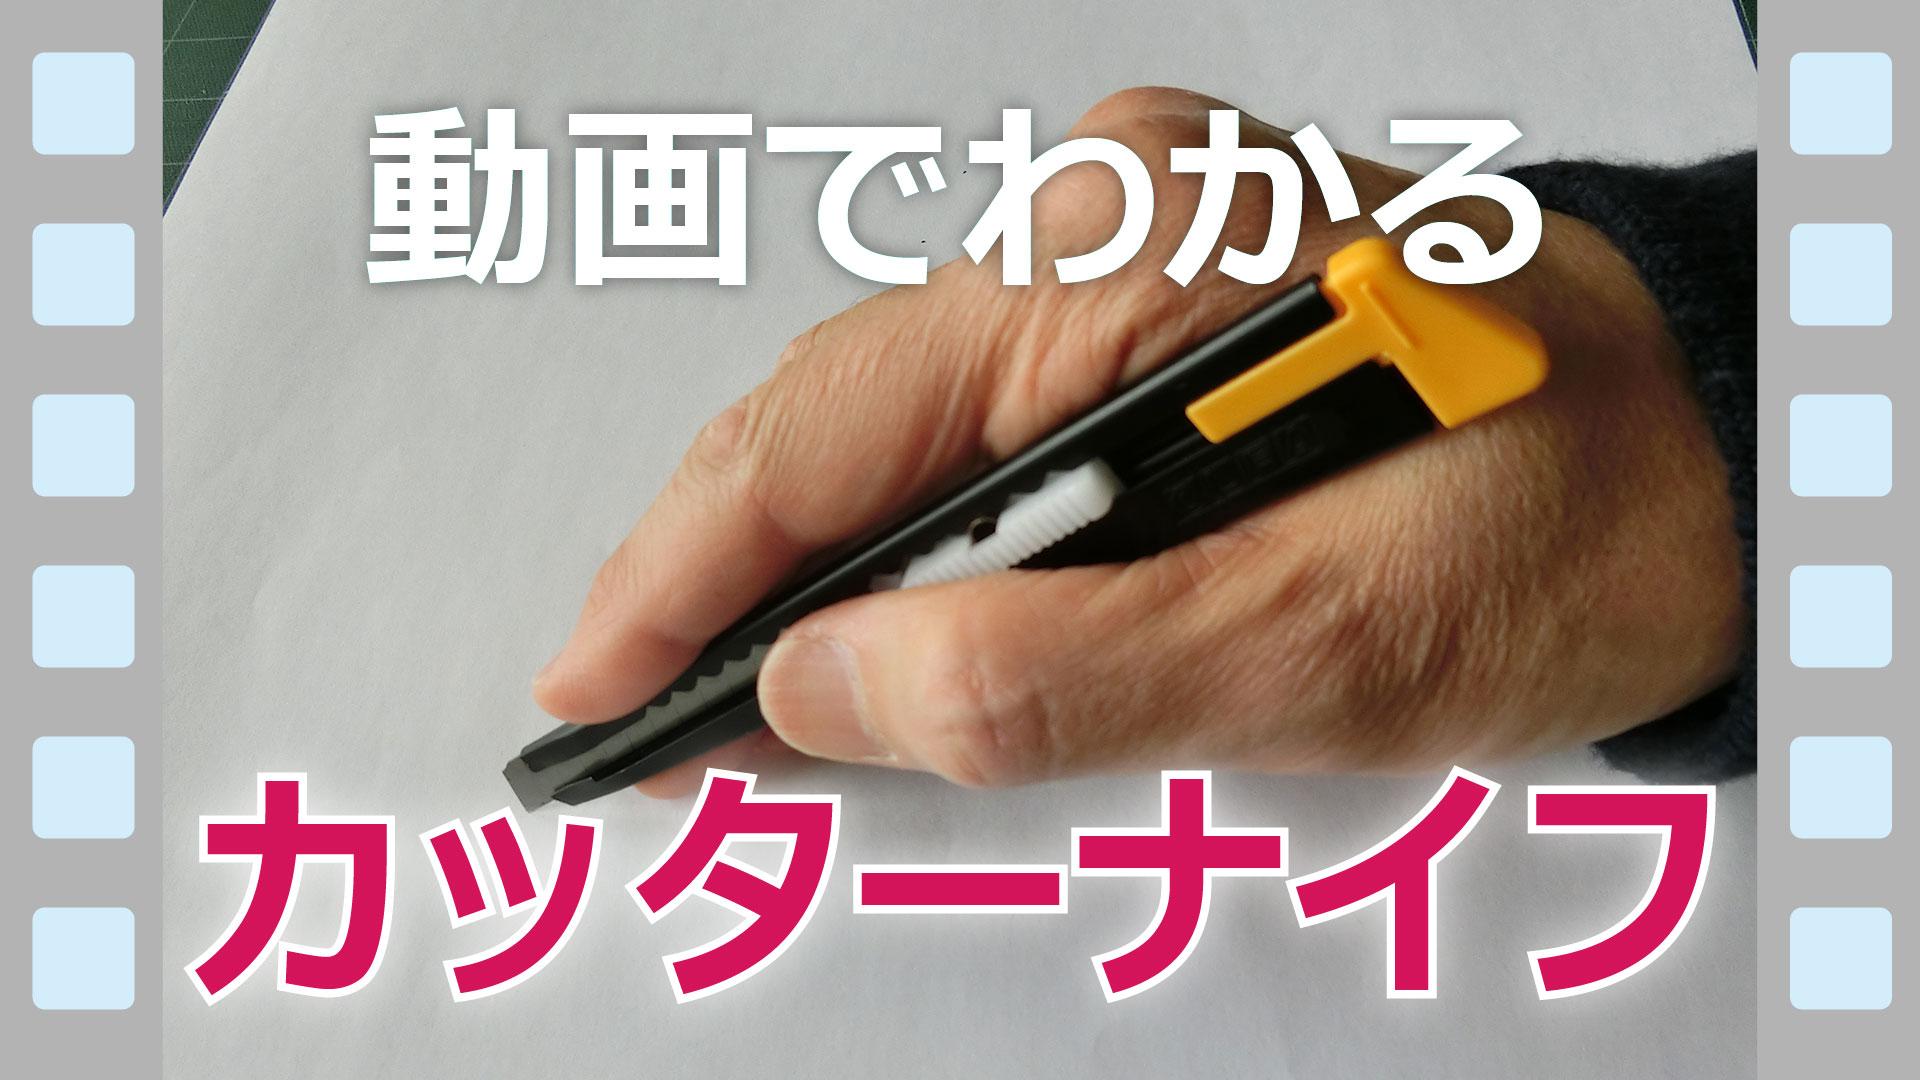 カッターナイフの使い方